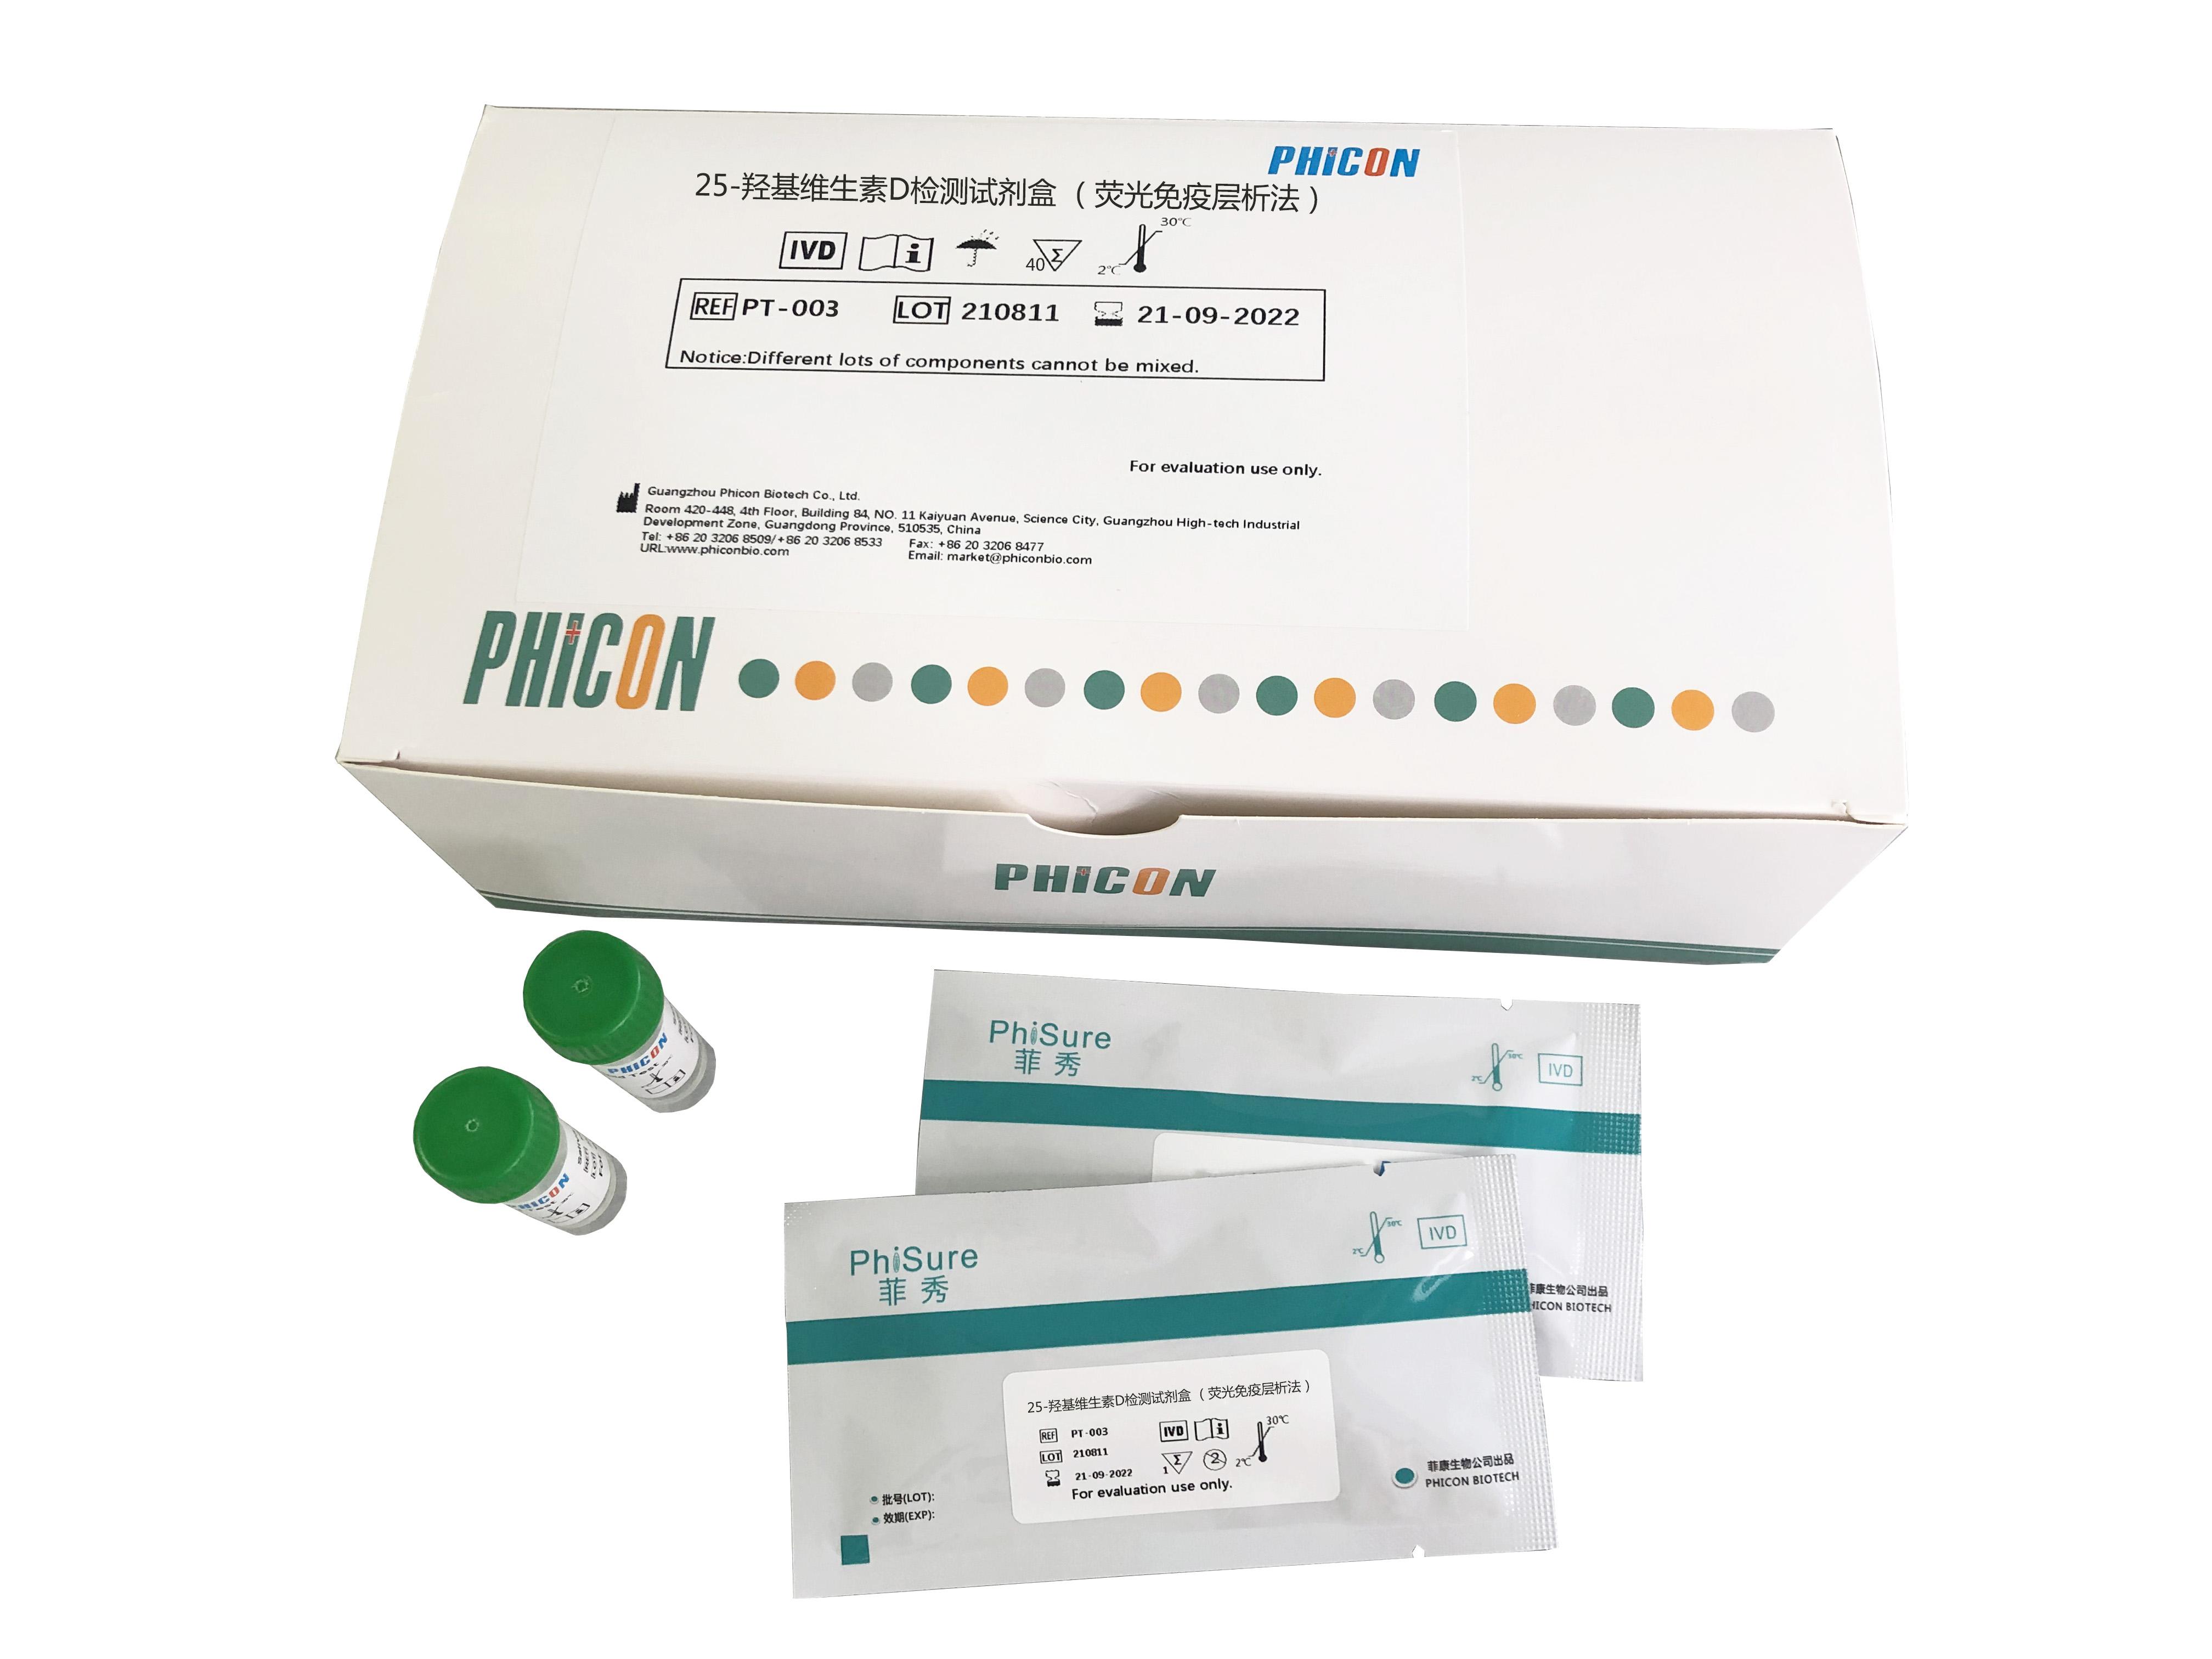 25-羟基维生素D检测试剂盒(荧光免疫层析法)